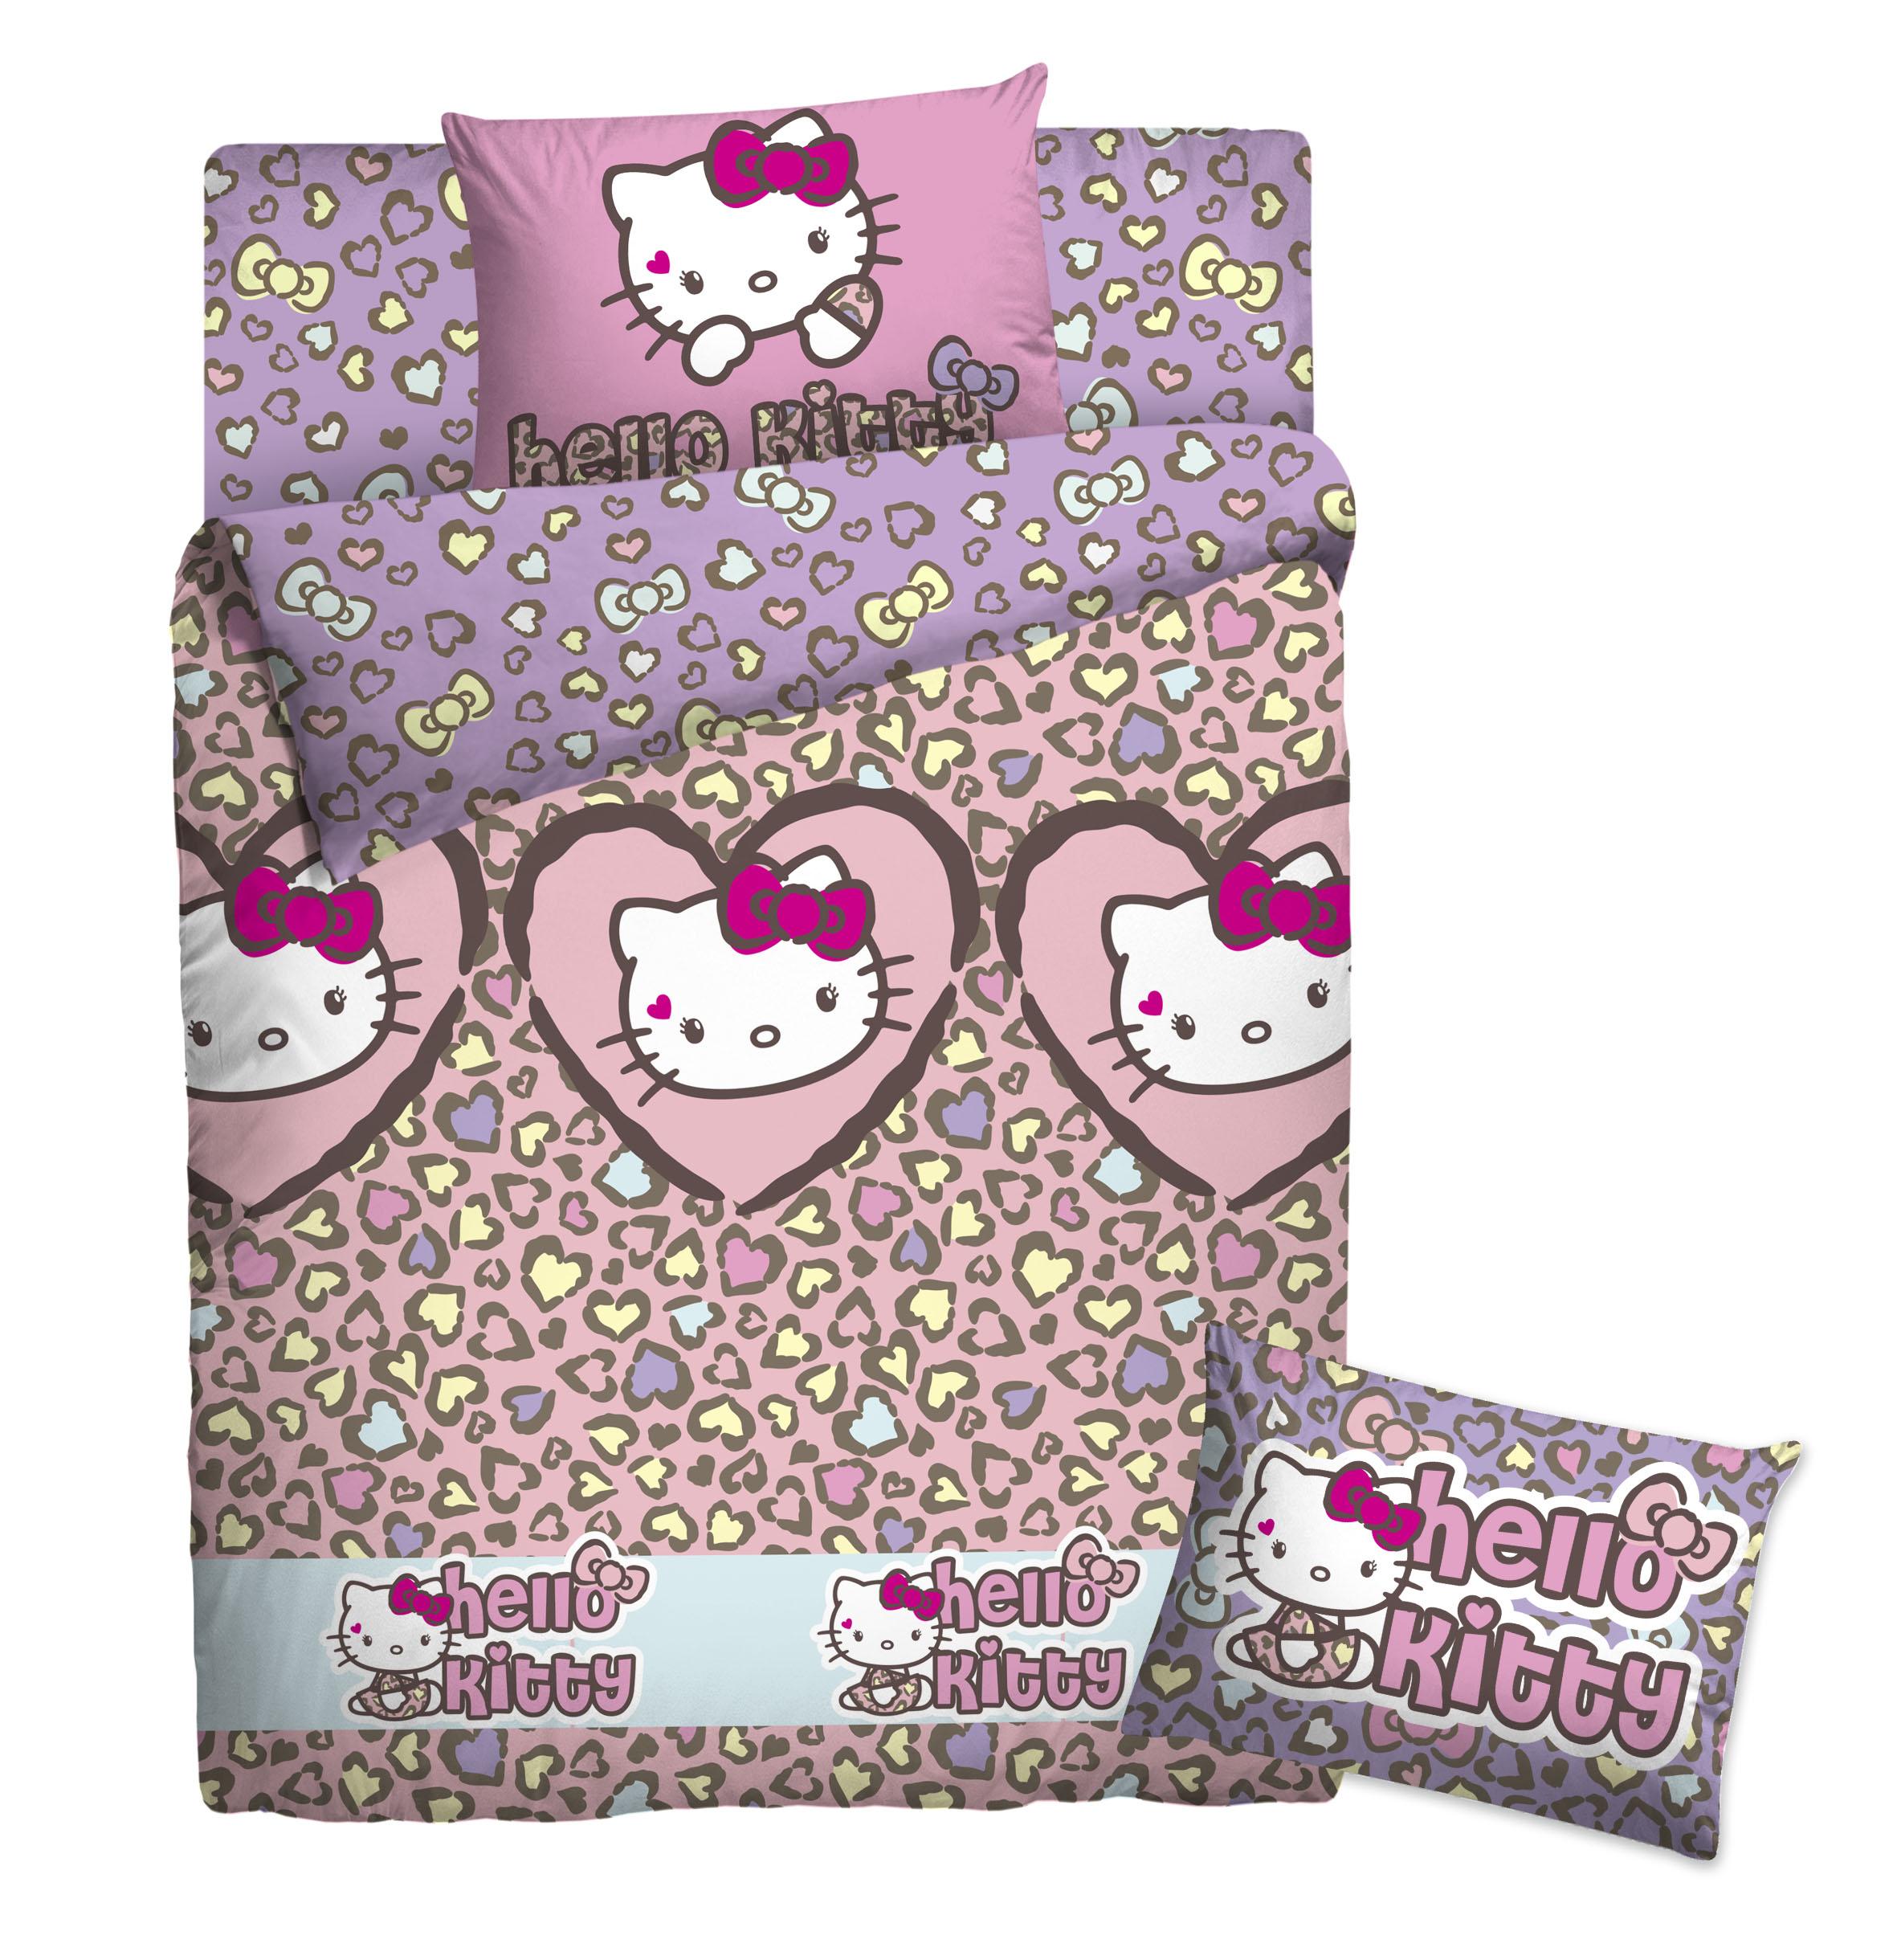 КПБ Hello Kitty 1,5 сп180226Детский комплект постельного белья Hello Kitty Магнолия состоит из наволочки, пододеяльника и простыни. Такой комплект идеально подойдет для кровати вашего ребенка и обеспечит ему здоровый сон. Он изготовлен из ранфорса (100% хлопок), дарящего малышу непревзойденную мягкость. Натуральный материал не раздражает даже самую нежную и чувствительную кожу ребенка, обеспечивая ему наибольший комфорт. Приятный рисунок комплекта подарит вашему ребенку встречу с любимыми героями полюбившегося мультфильма и порадует яркостью и красочностью дизайна. Комплект постельного белья Hello Kitty Магнолия осуществит заветную мечту ребенка окунуться в волшебный мир сказок, а любимые персонажи создадут атмосферу уюта.